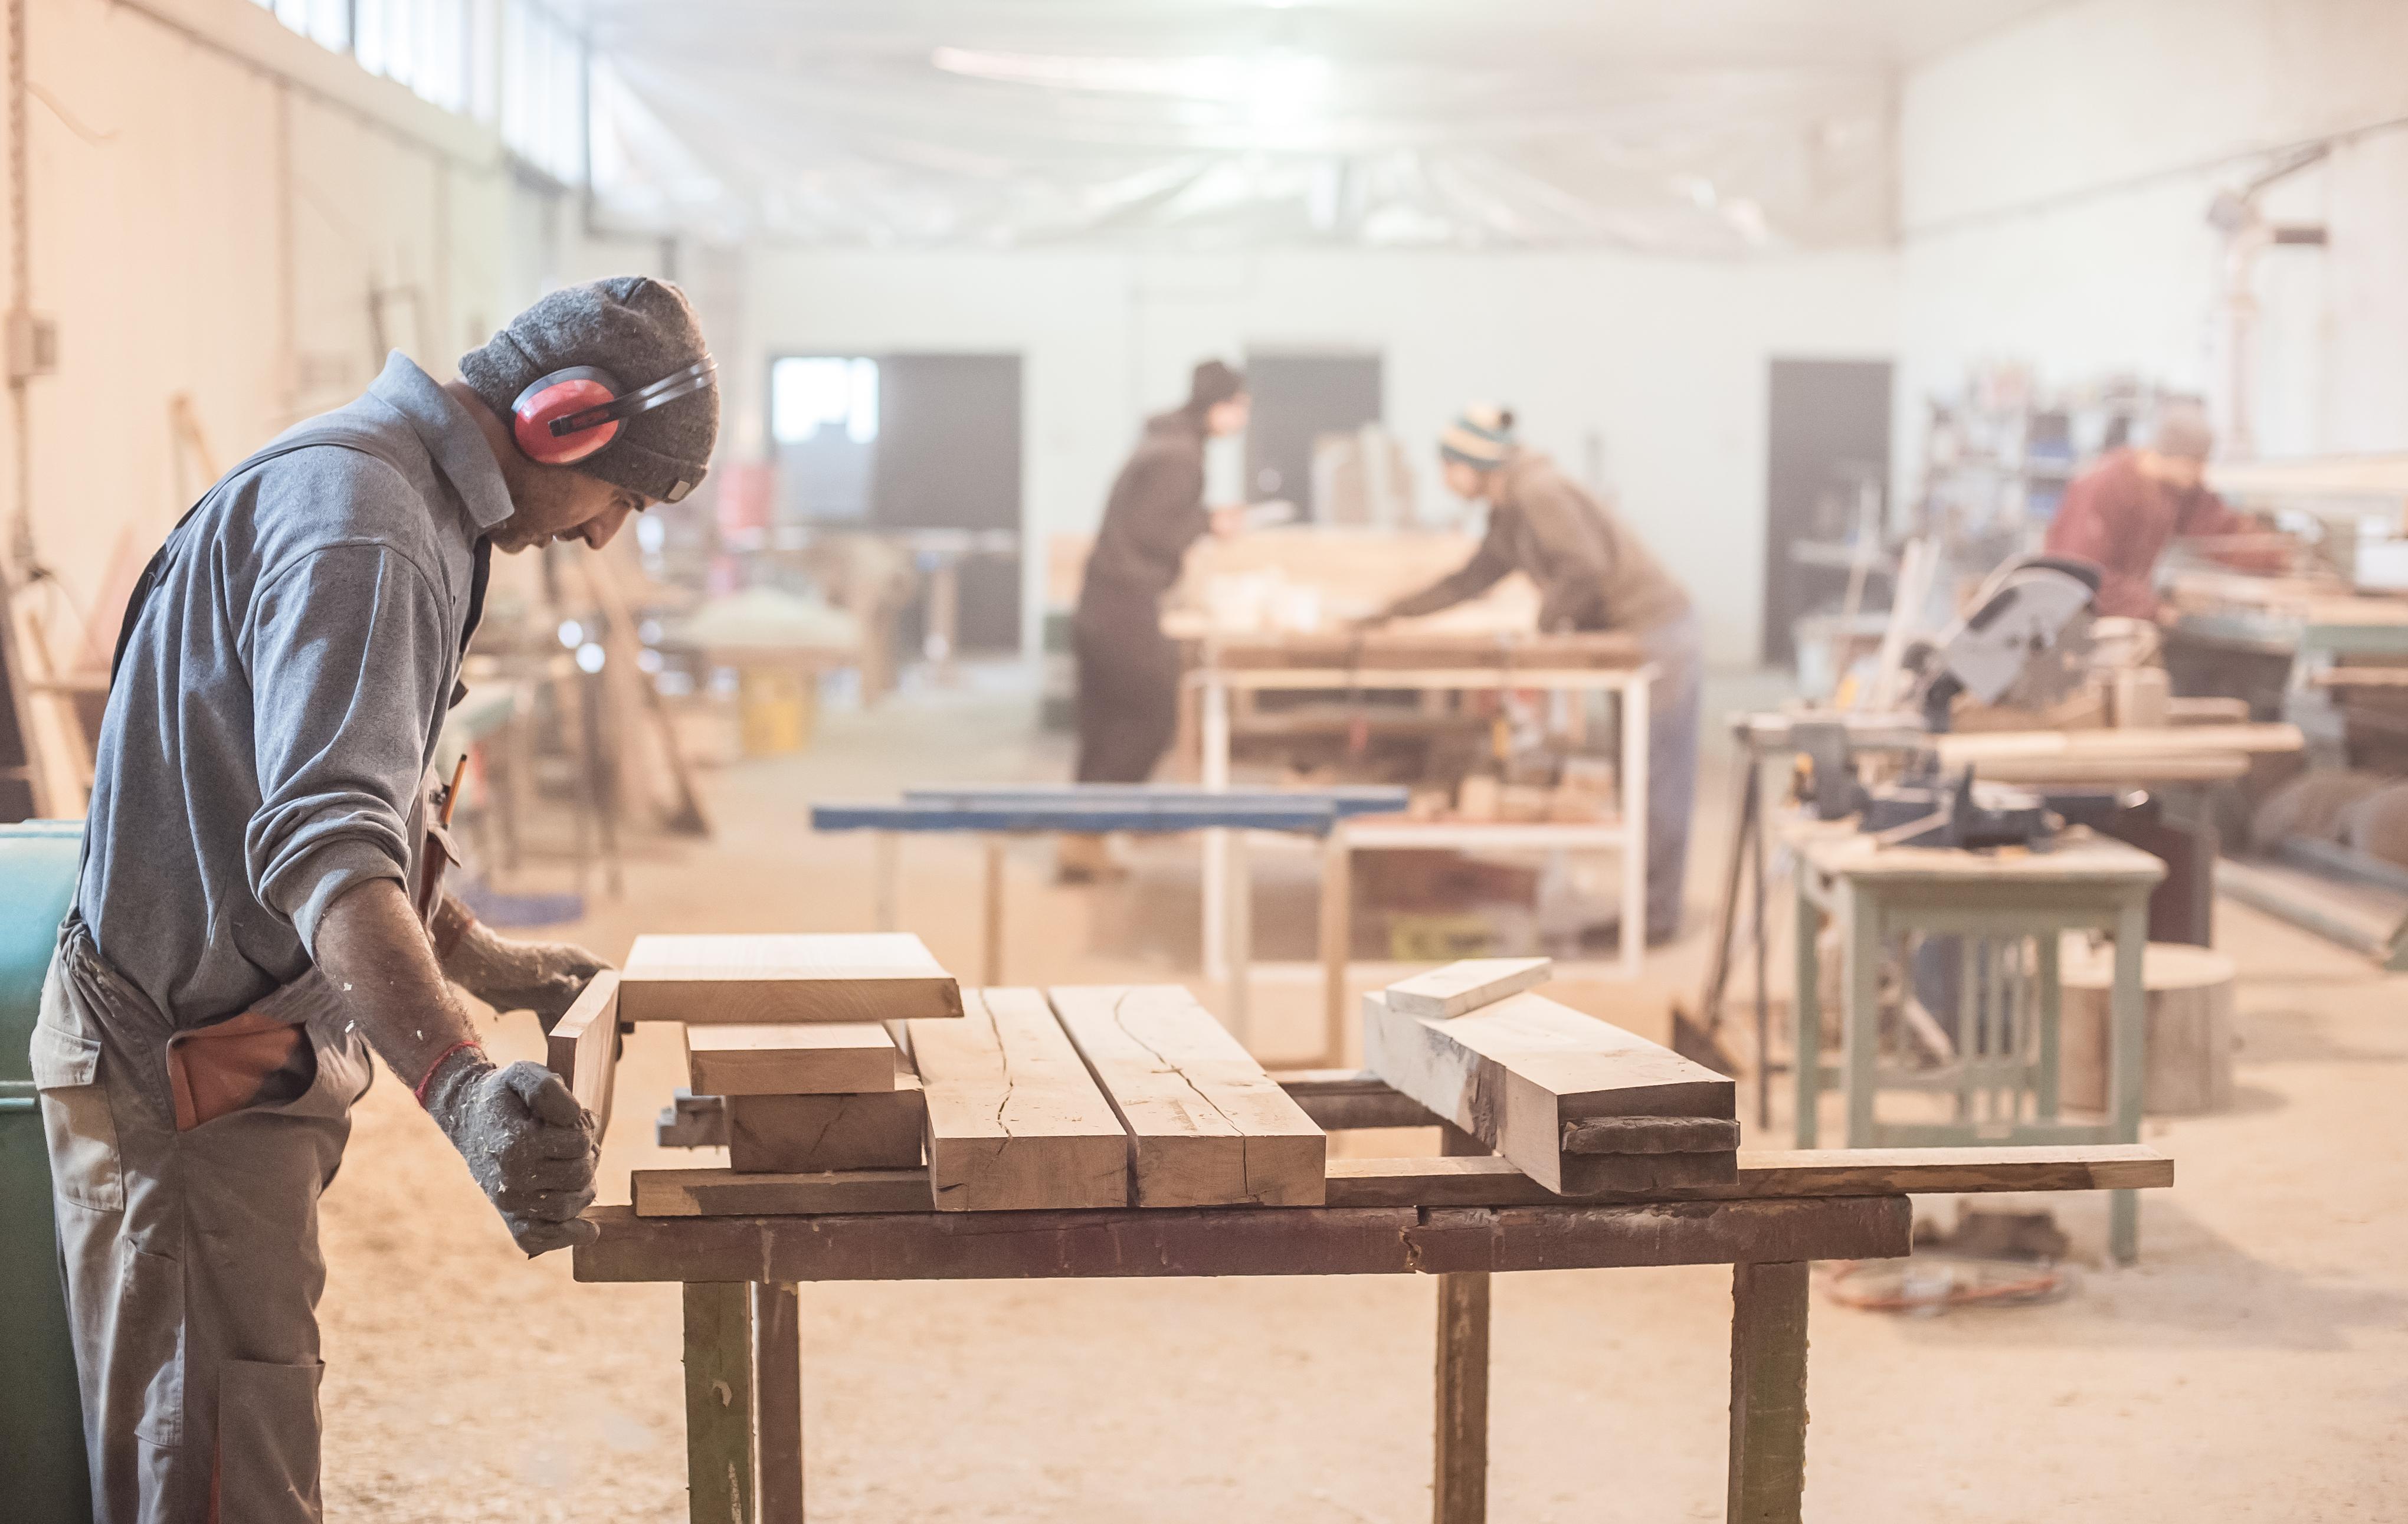 Negativzinsen: Für KMU überwiegen weder Kosten noch Nutzen